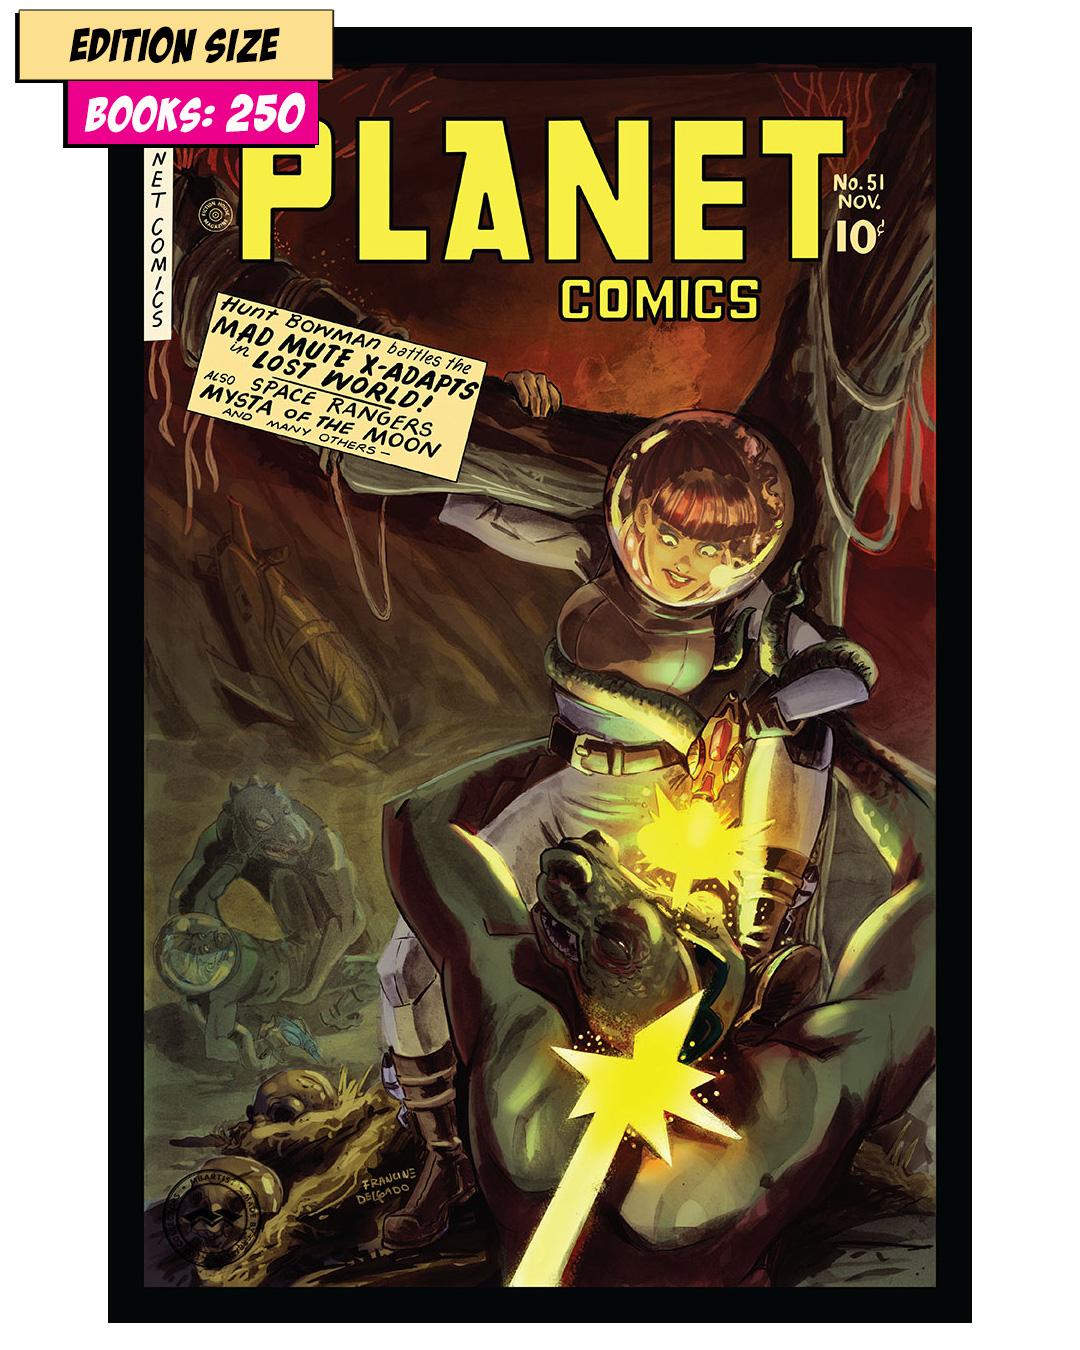 Book - PLANET COMICS #51 PARTIAL: REPRINT